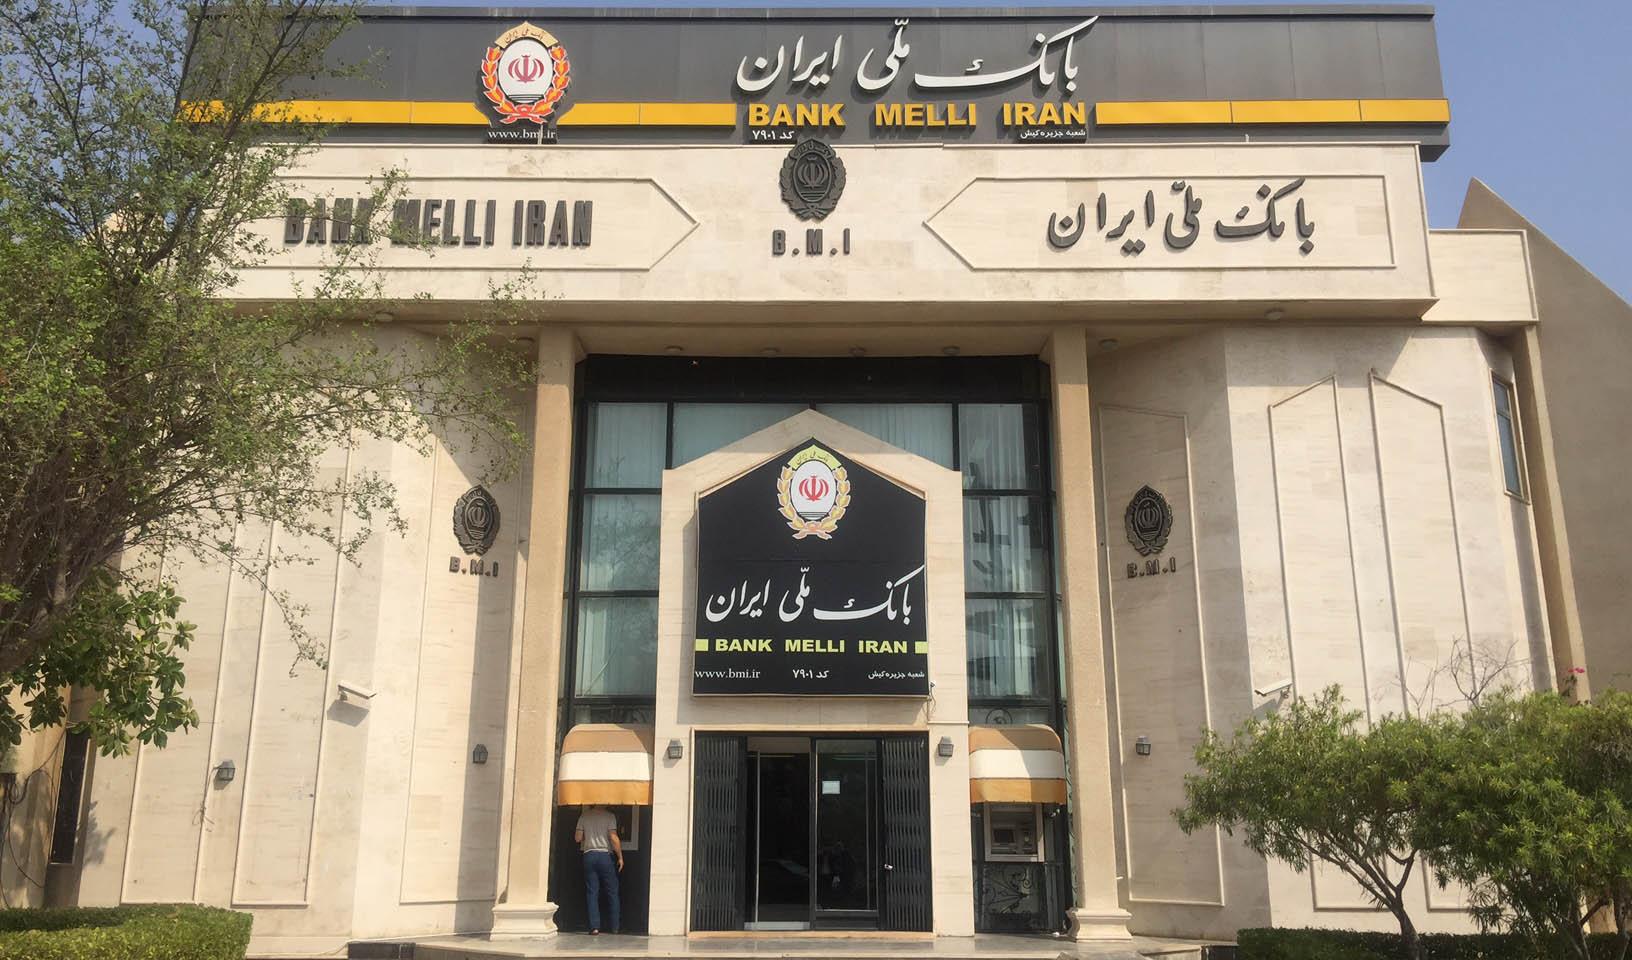 تامین مالی کسب و کارها با تسهیلات خرید دین بانک ملی ایران